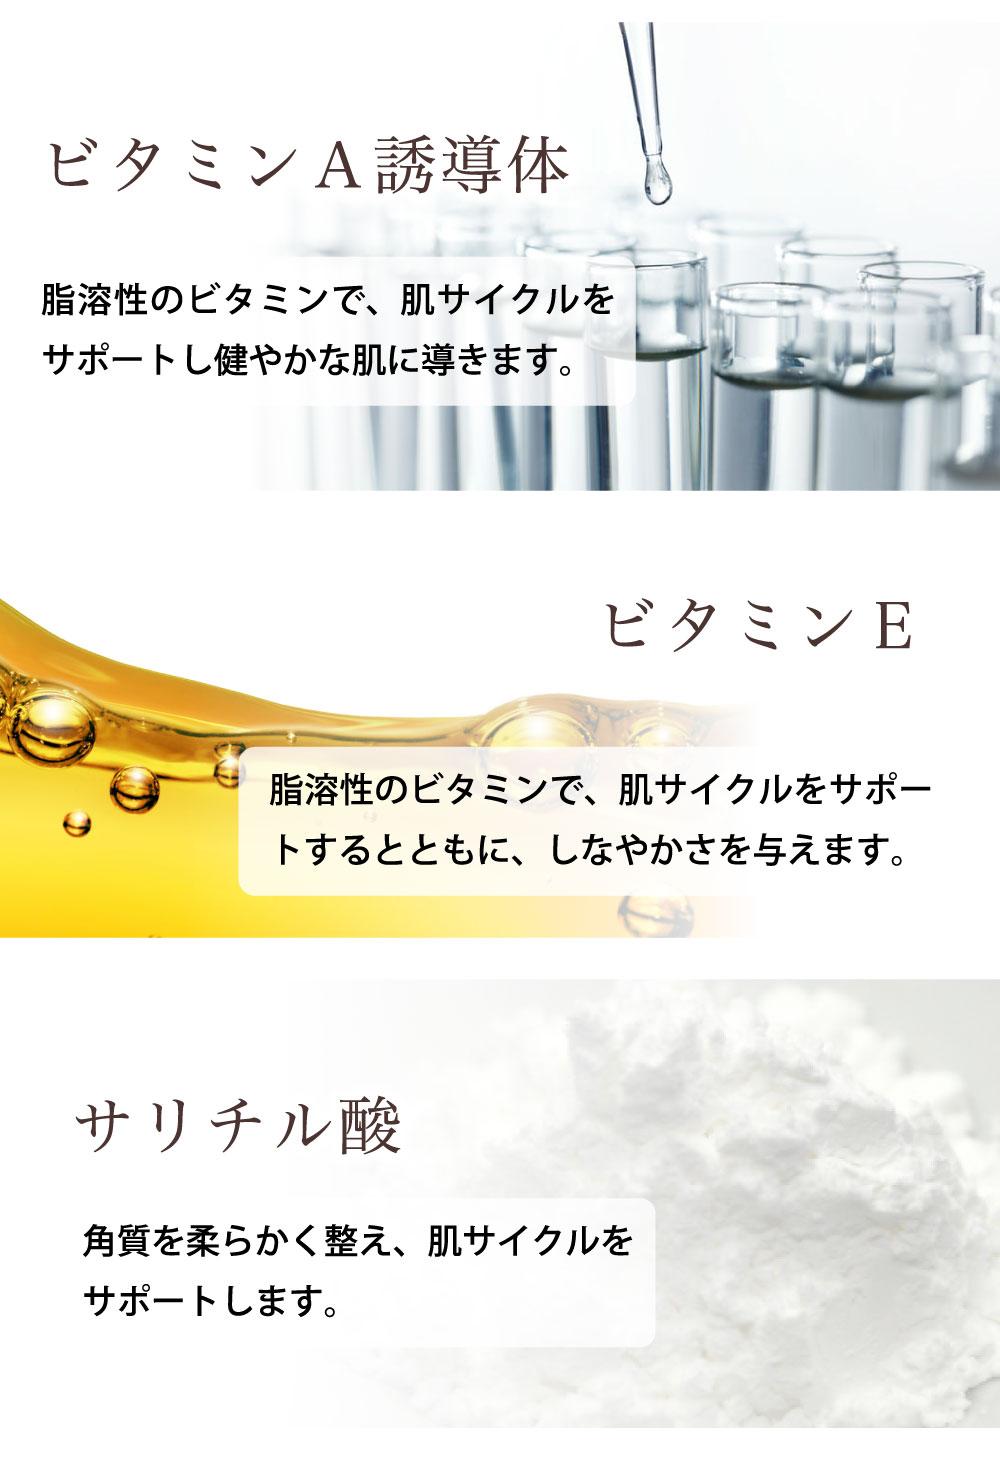 '厳選された美容成分!ビタミンA誘導体、ビタミンE、サリチル酸'